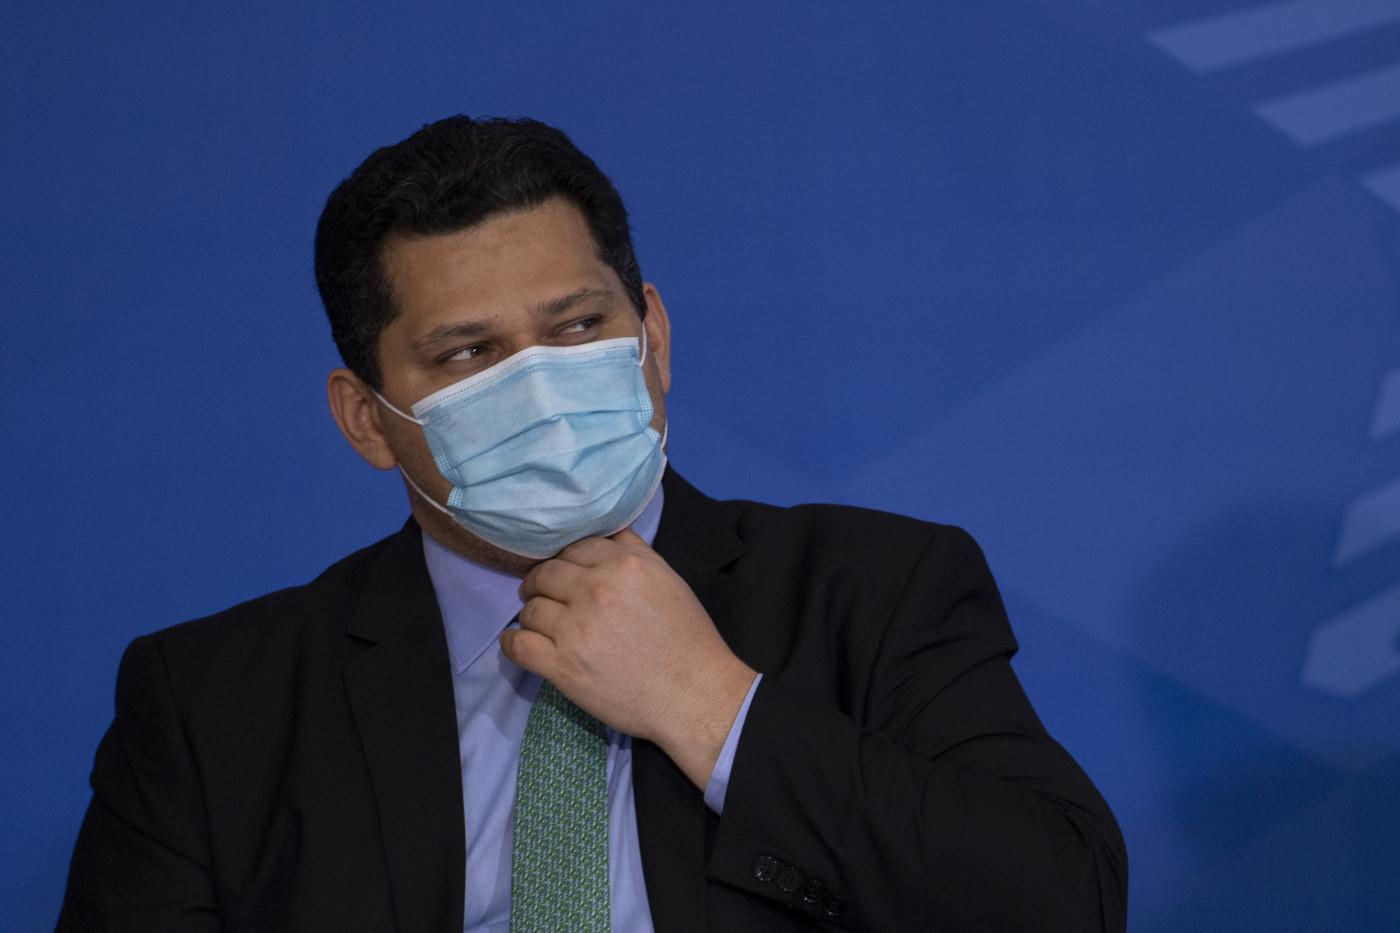 De máscara, o senador Davi Alcolumbre ajeita a gravata e olha para a sua esquerda